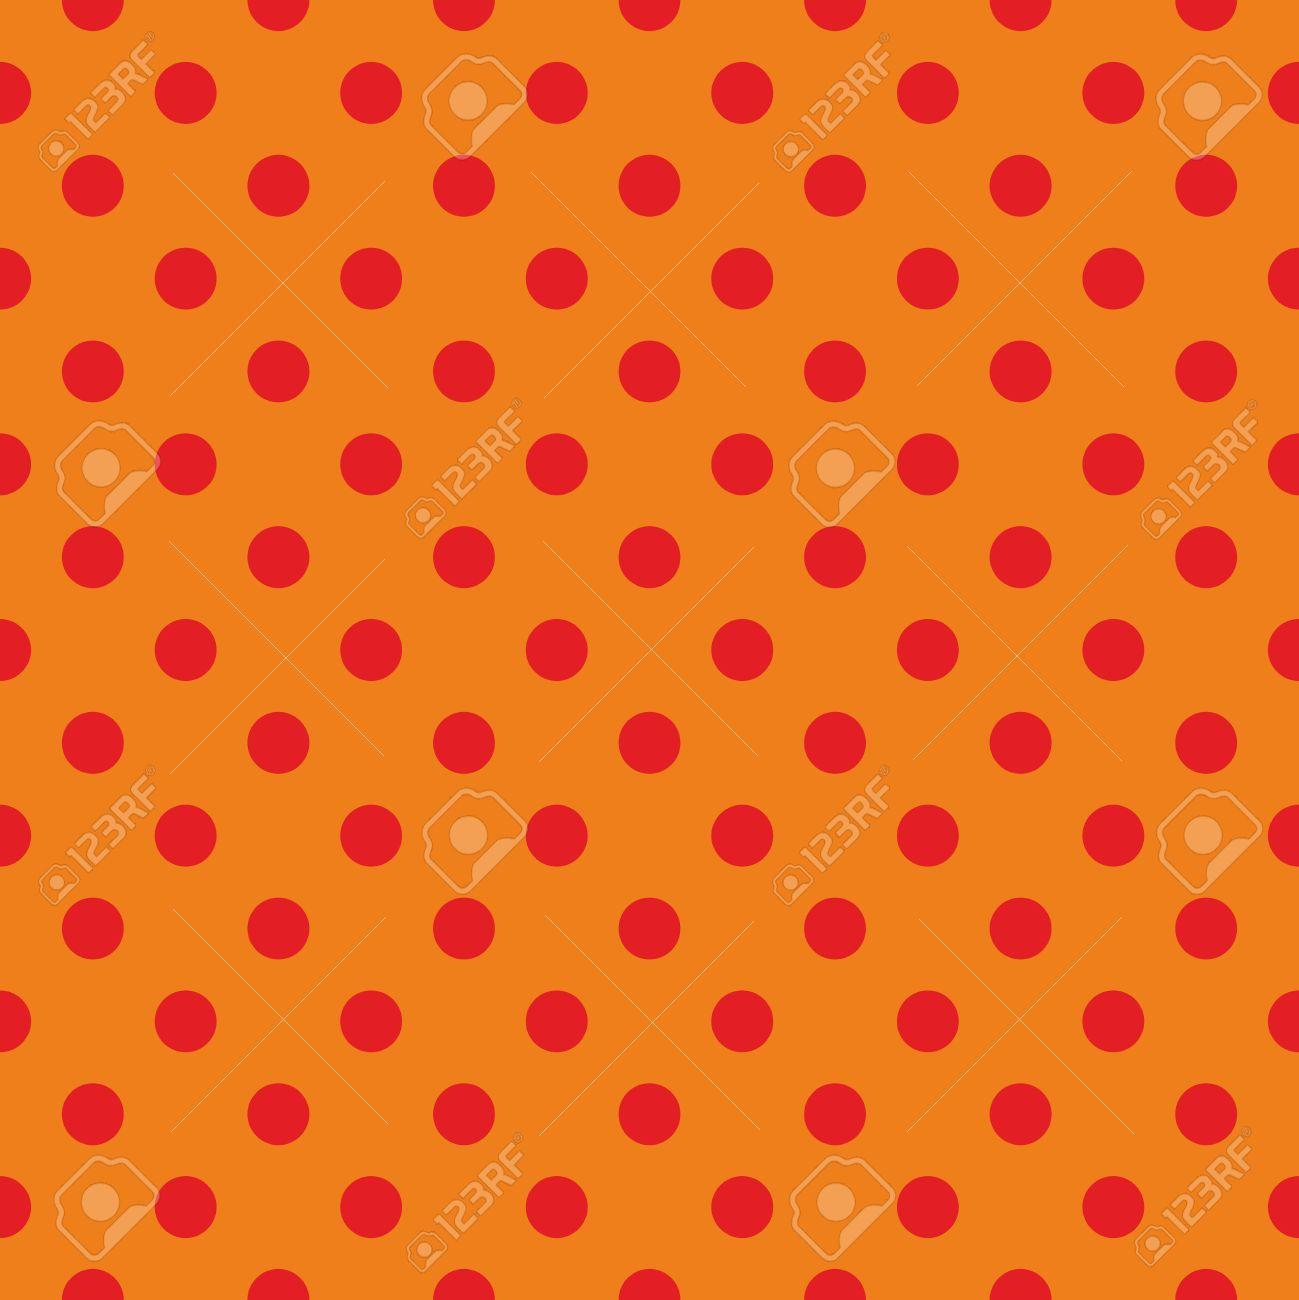 タイル パターン ベクトル テクスチャまたはオレンジ色の背景 レトロなデザインの子供のウェブサイト ブログやデスクトップの壁紙にシームレスな赤い水玉の背景のイラスト素材 ベクタ Image